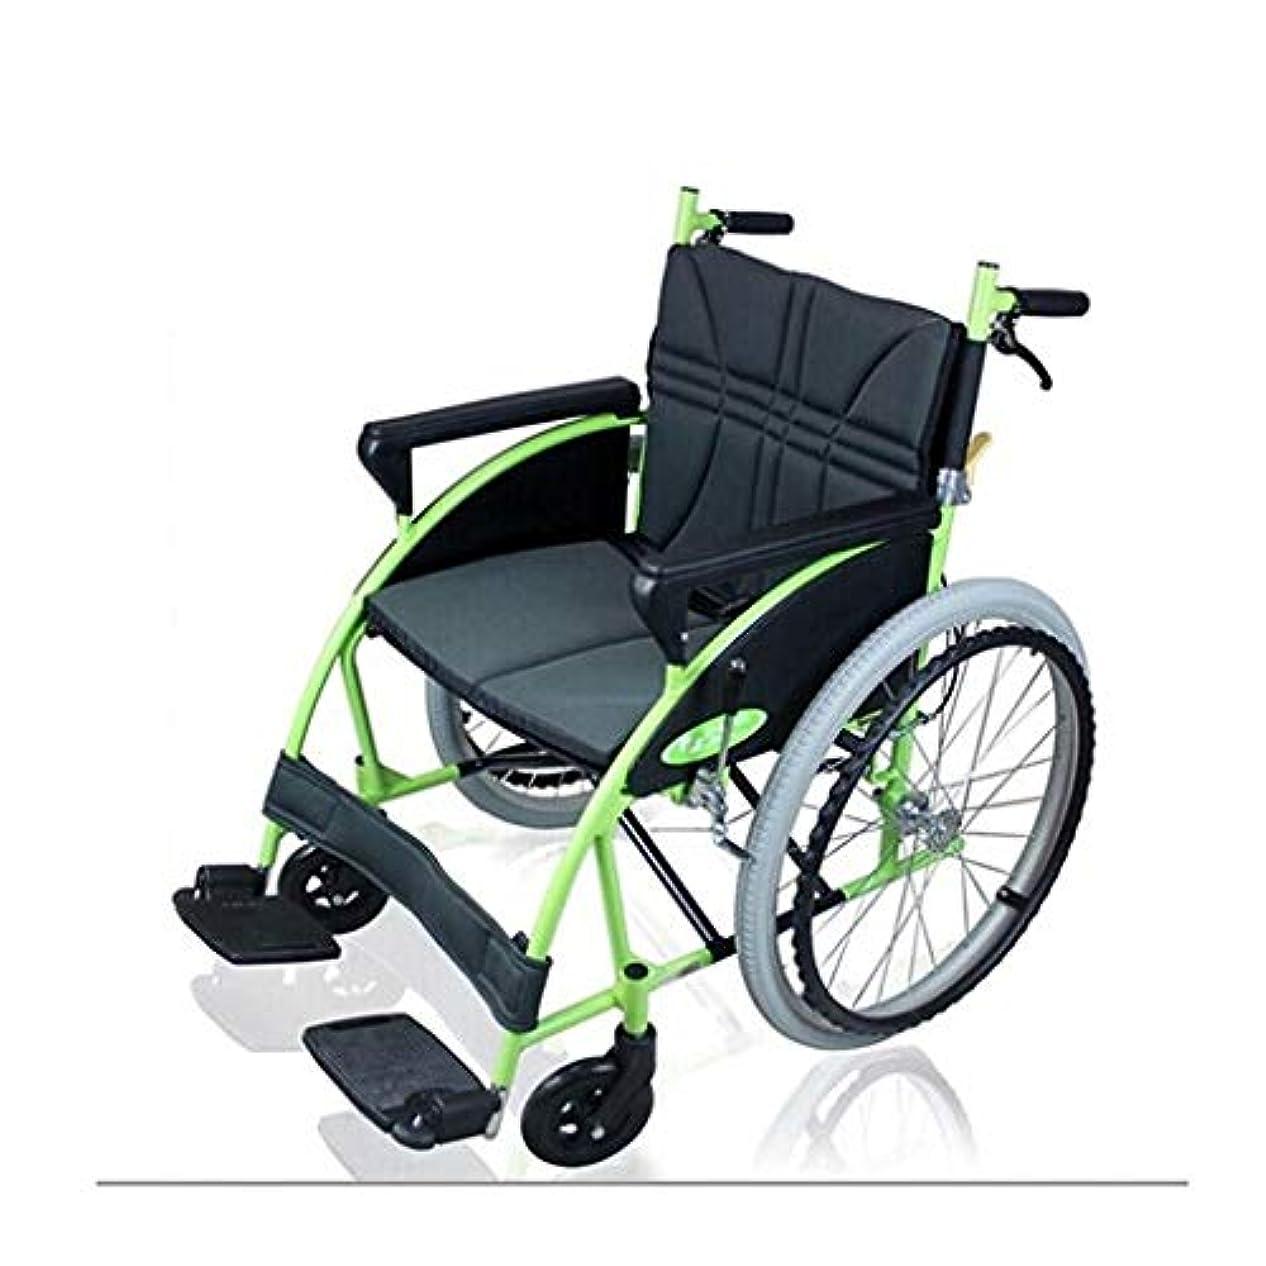 労働あいまいフィラデルフィアアルミ合金車椅子折りたたみポータブル障害者高齢者車椅子4ブレーキデザインバックストレージバッグ